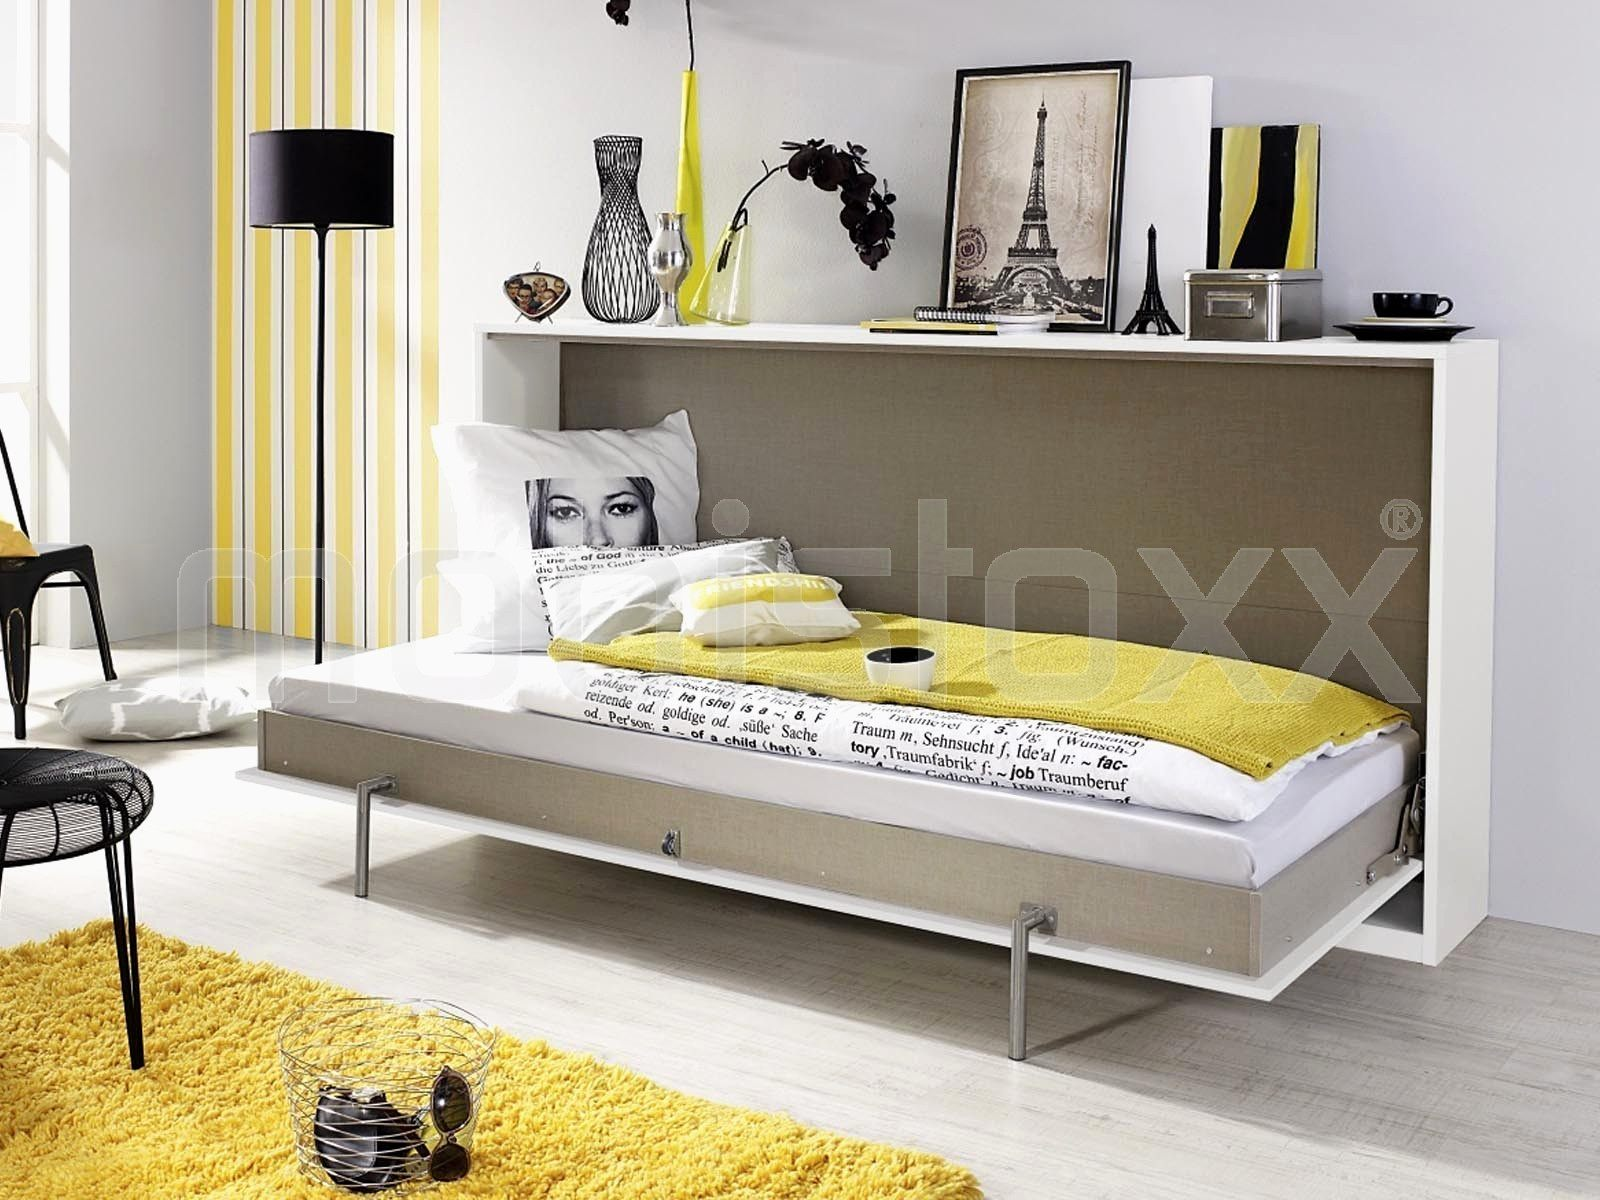 Idee De Tete De Lit Magnifique Tete De Lit 90 Cm Tete De Lit Ikea 180 Fauteuil Salon Ikea Fresh